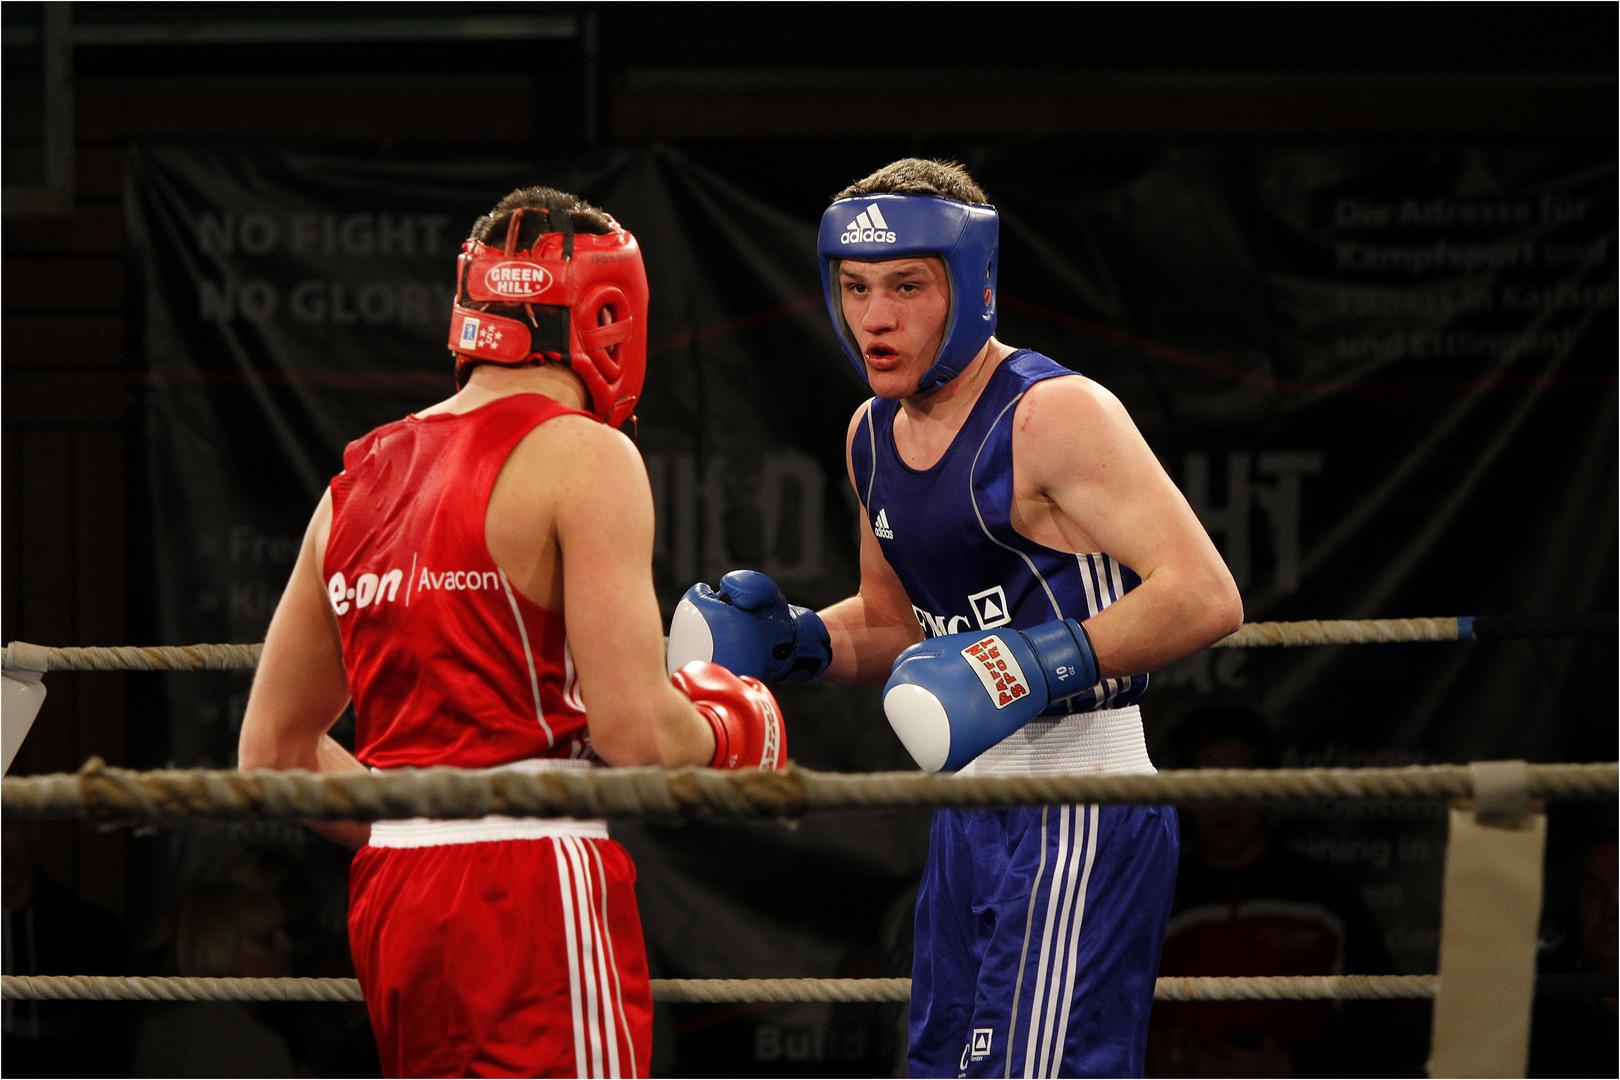 Nochmal ein Bild vom Boxkampf